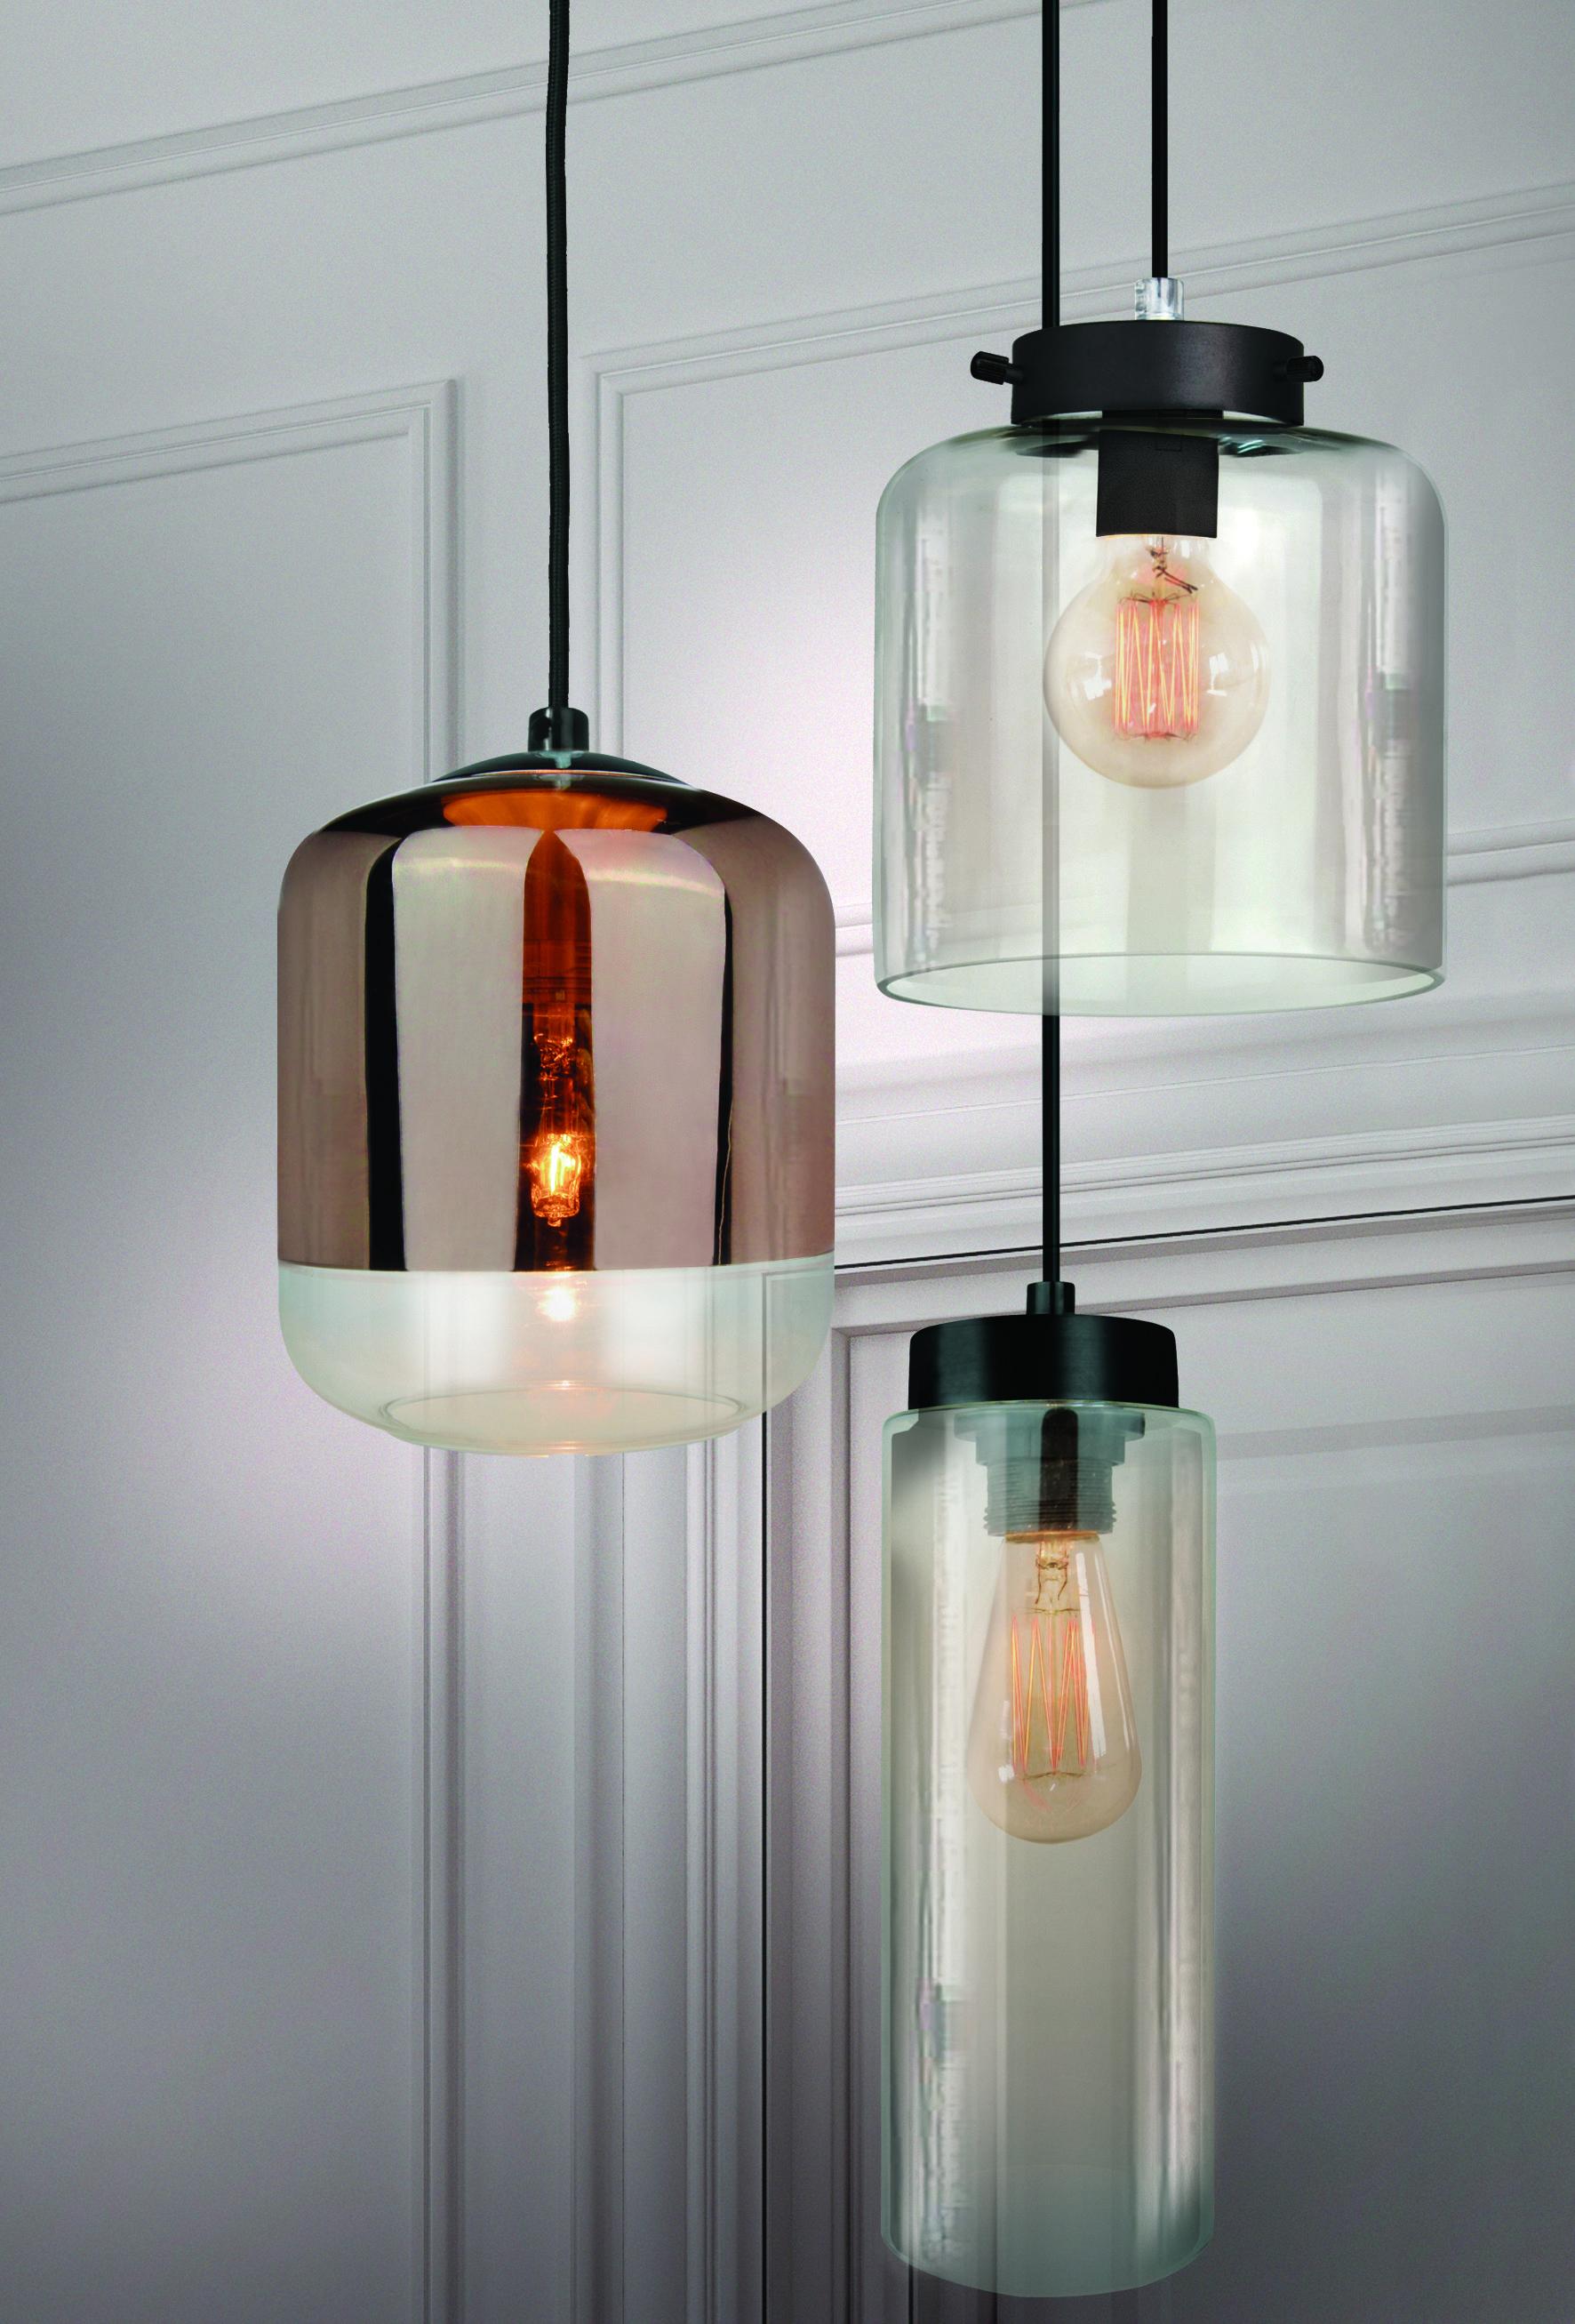 La iluminaci n de estilo industrial es tendencia sumate - Iluminacion estilo industrial ...